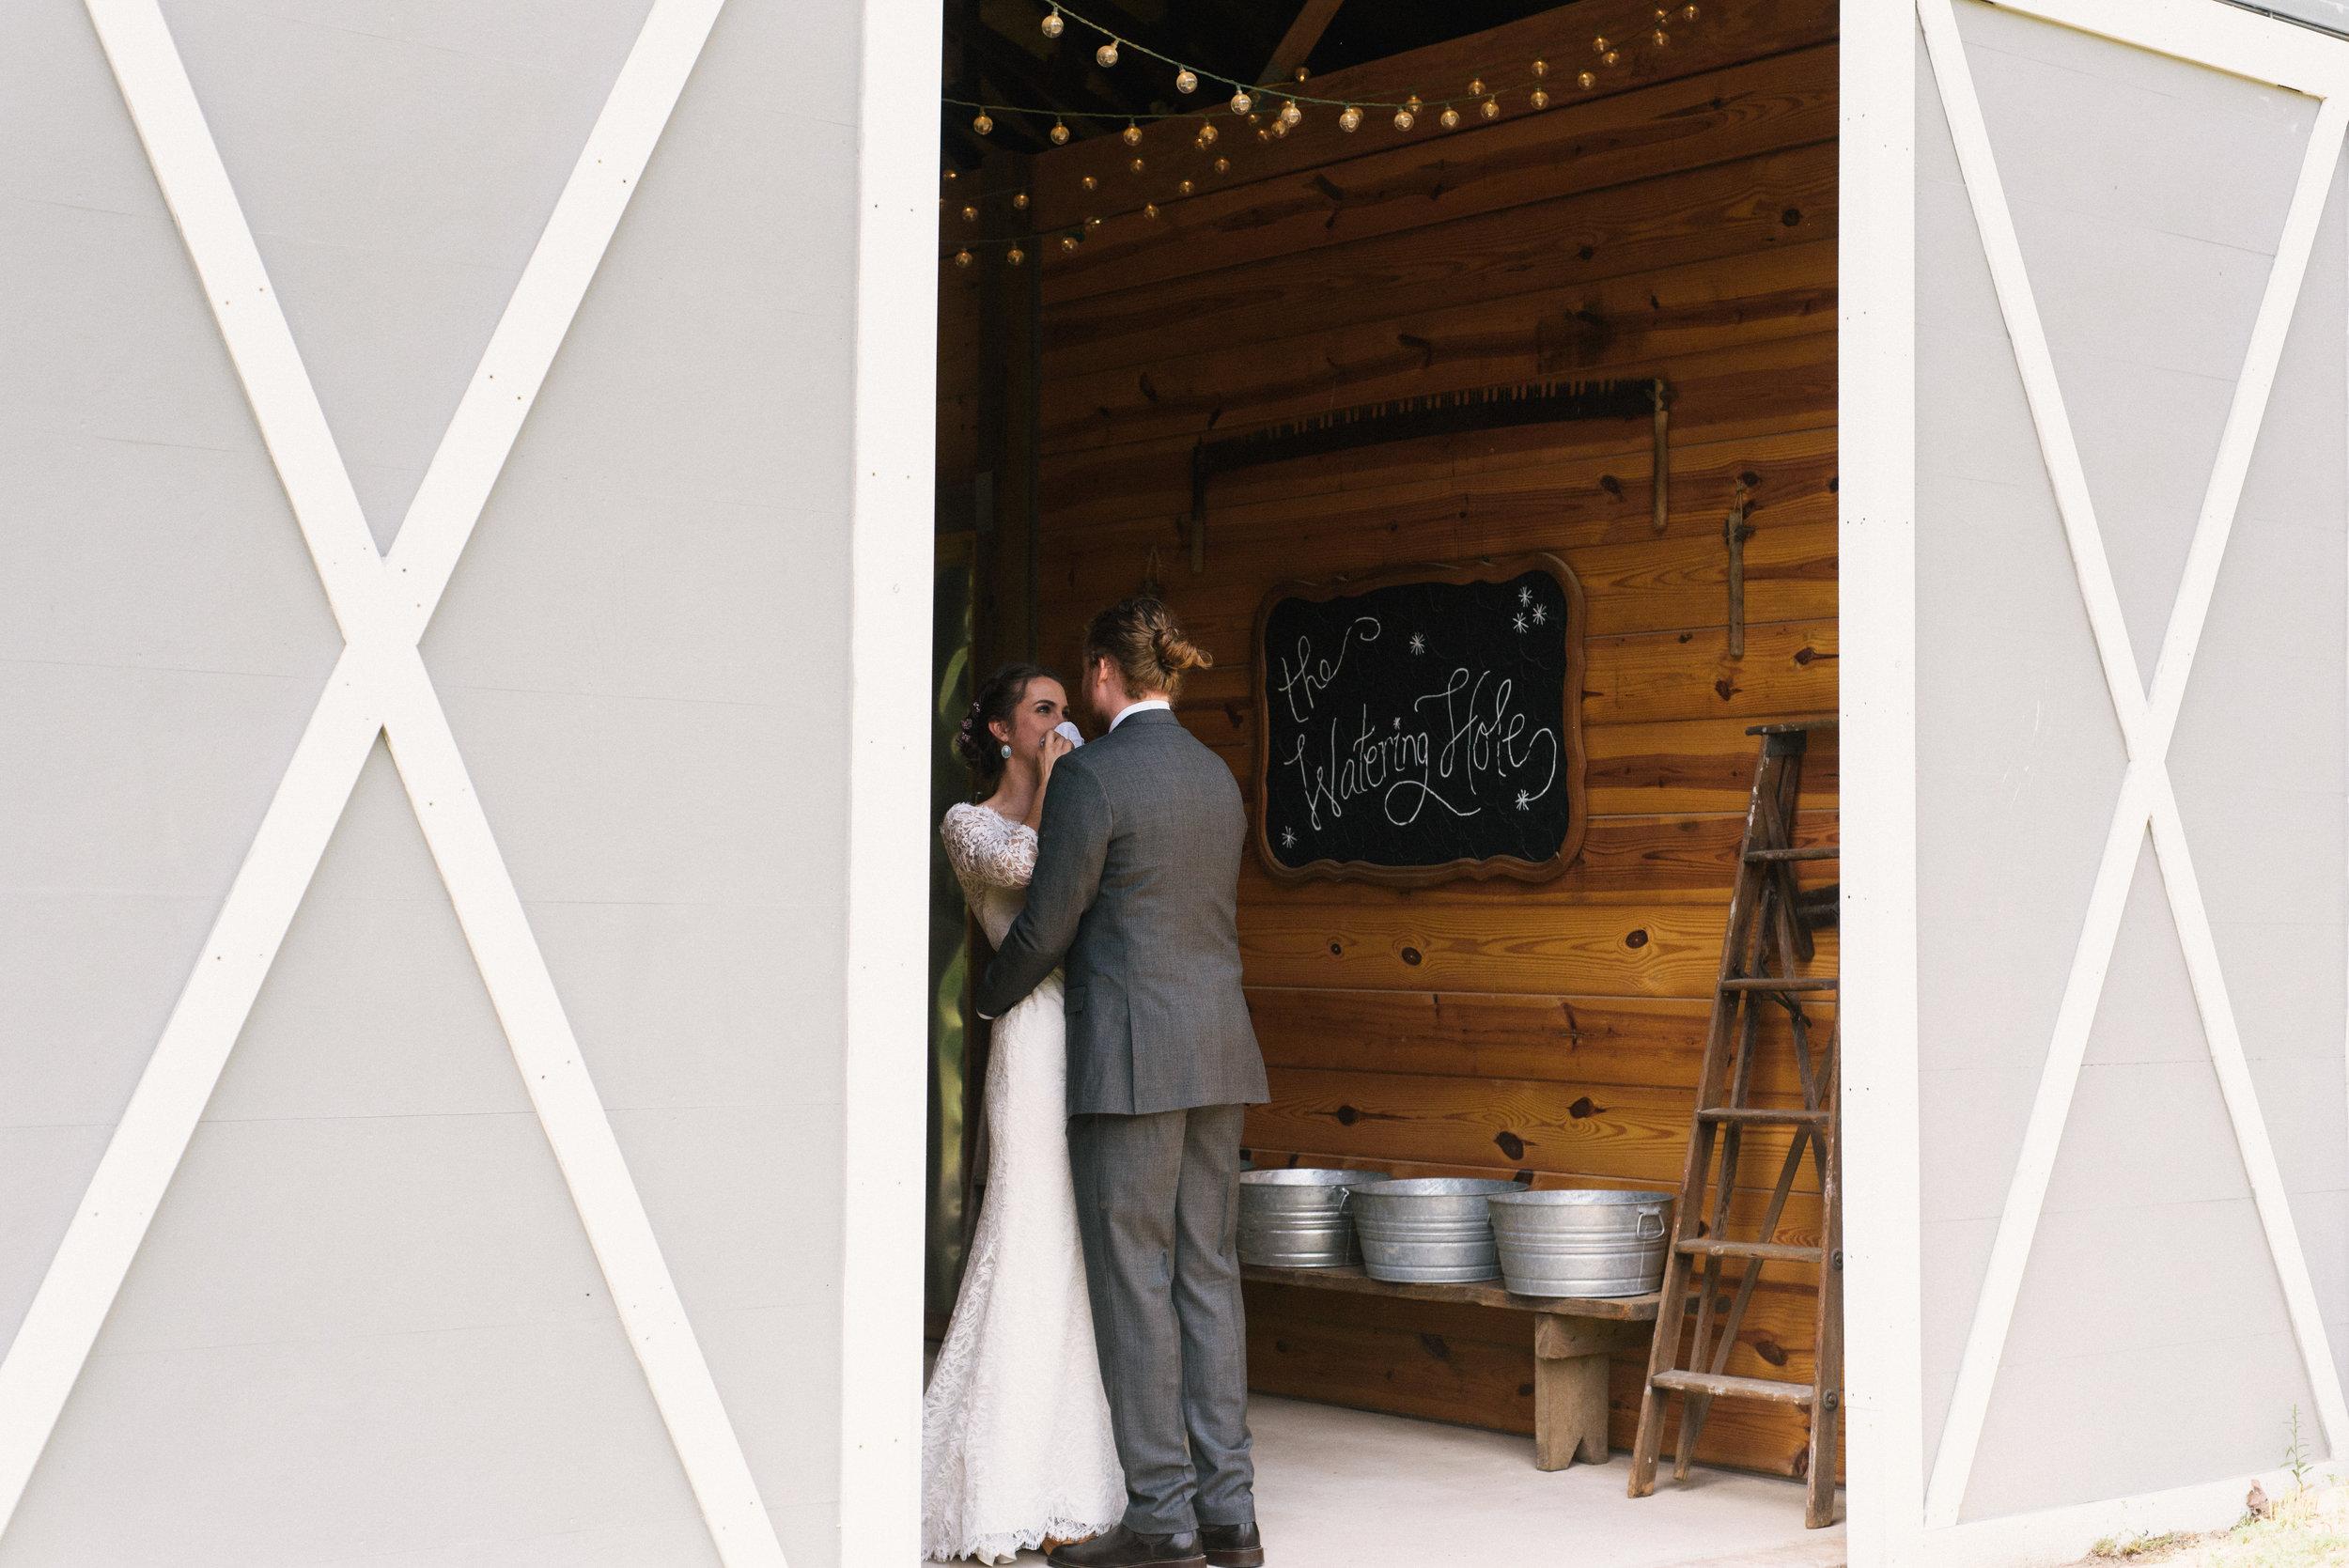 raleigh-elopement-photographer-raleigh-durham-wedding-maddie-and-devin- (20 of 162).jpg